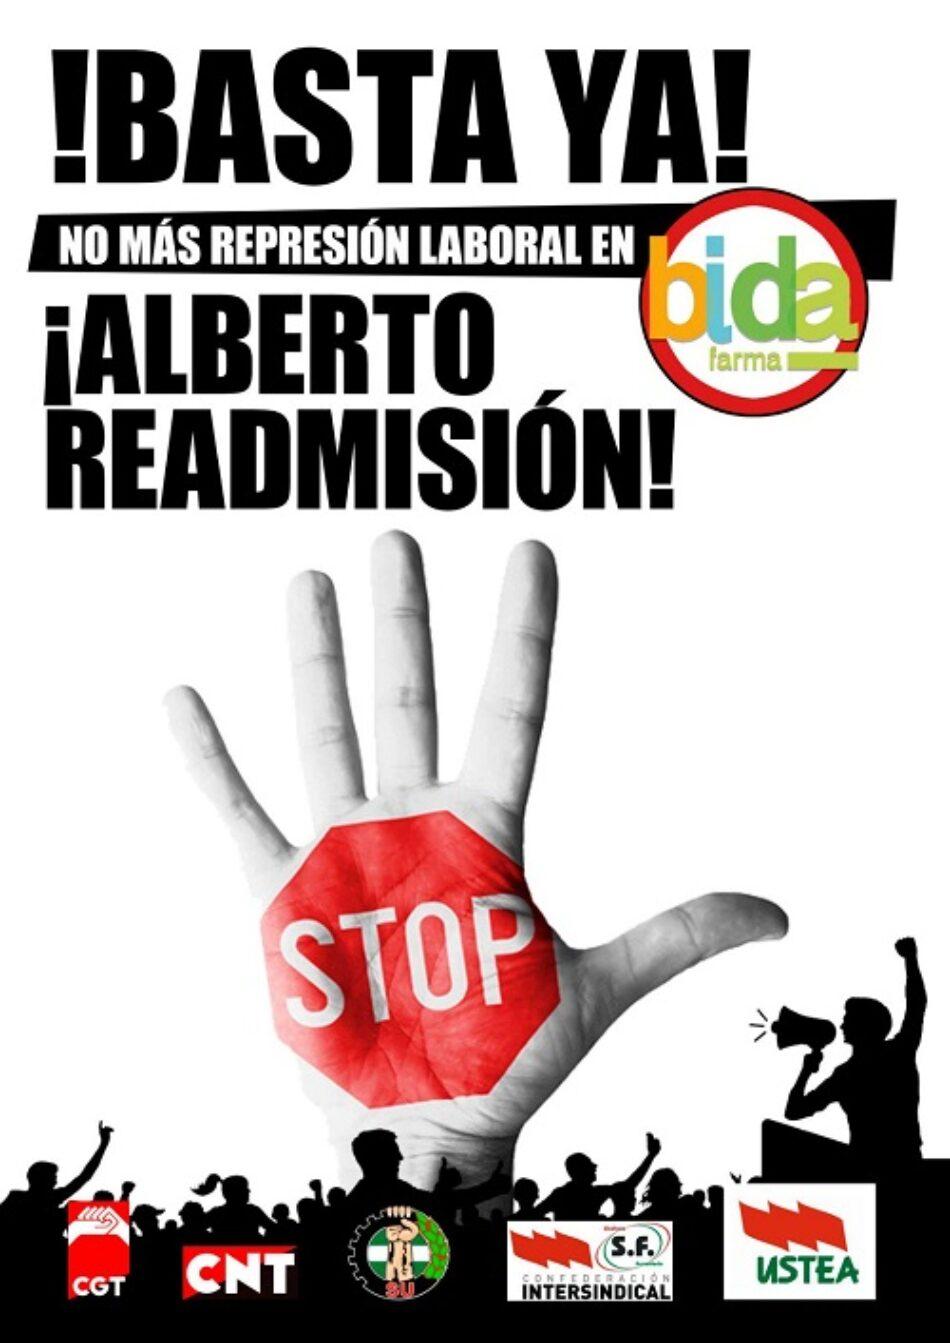 No a la represión sindical en Bidafarma